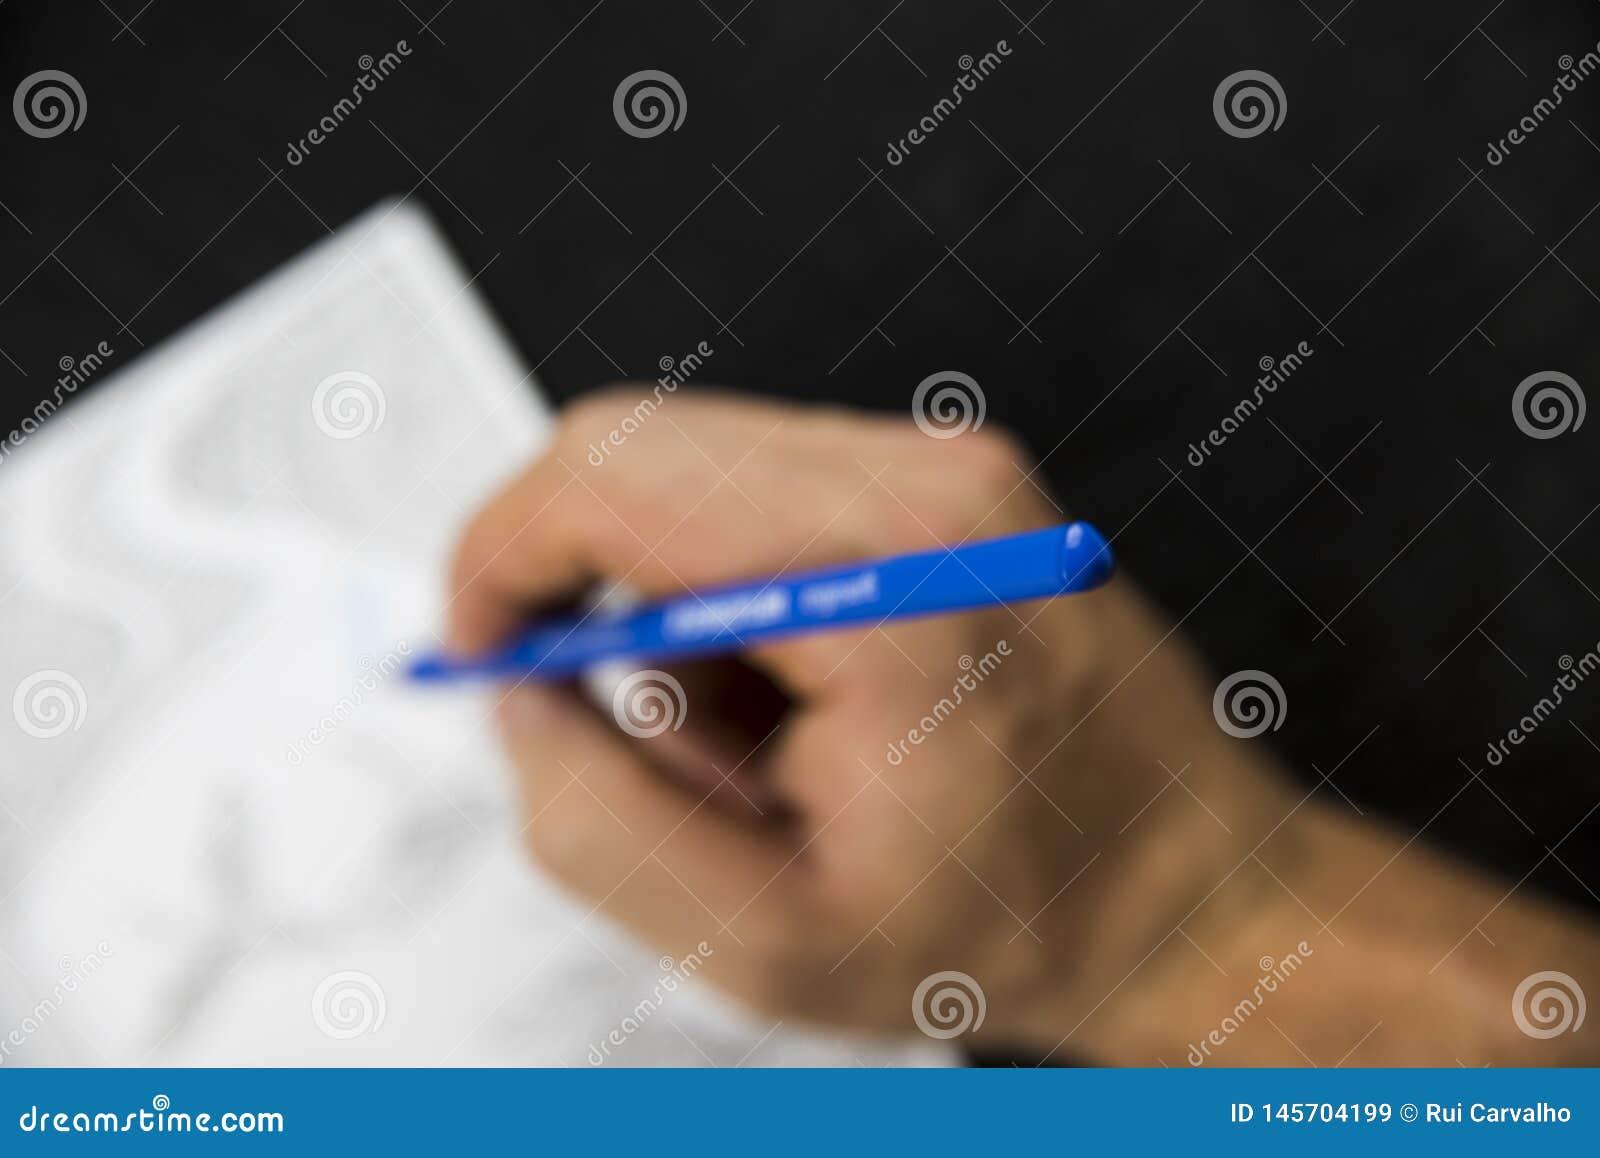 Θολωμένο χέρι που χειρίζεται έναν μπλε χρωματισμό μολυβιών